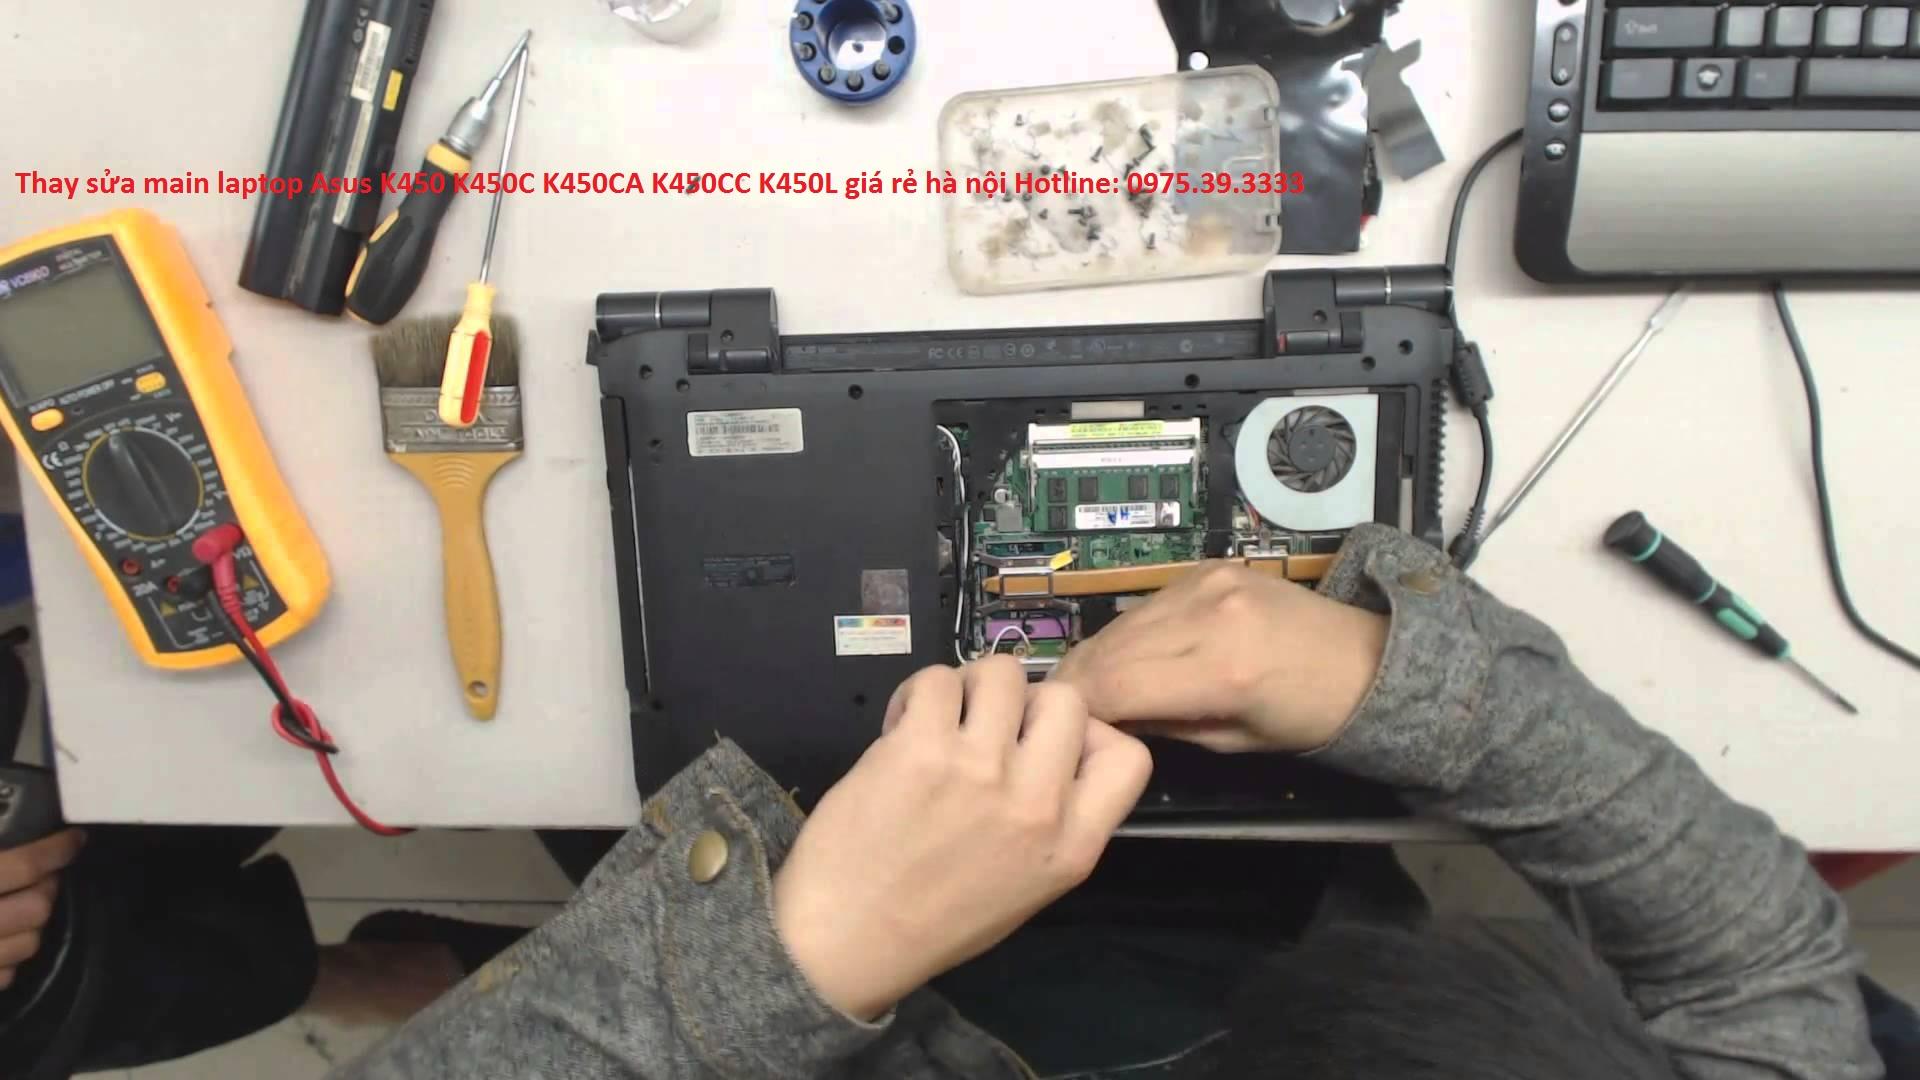 Thay sửa main laptop Asus K450 K450C K450CA K450CC K450L giá rẻ hà nội